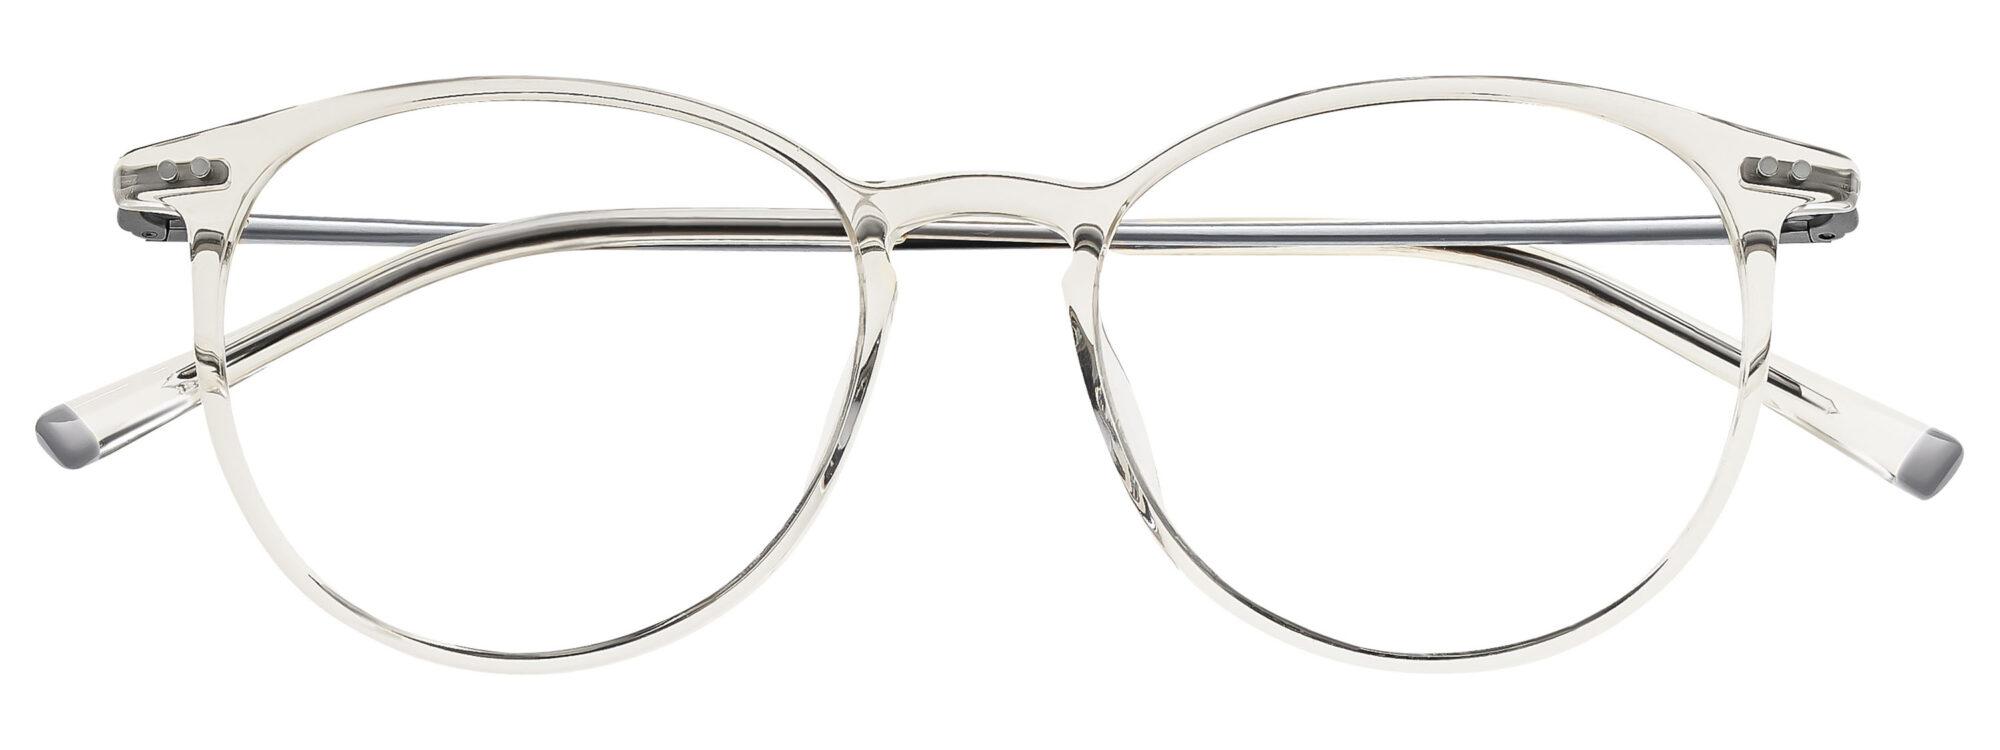 c48115a7fc model 581069 – HUMPHREY´S eyewear